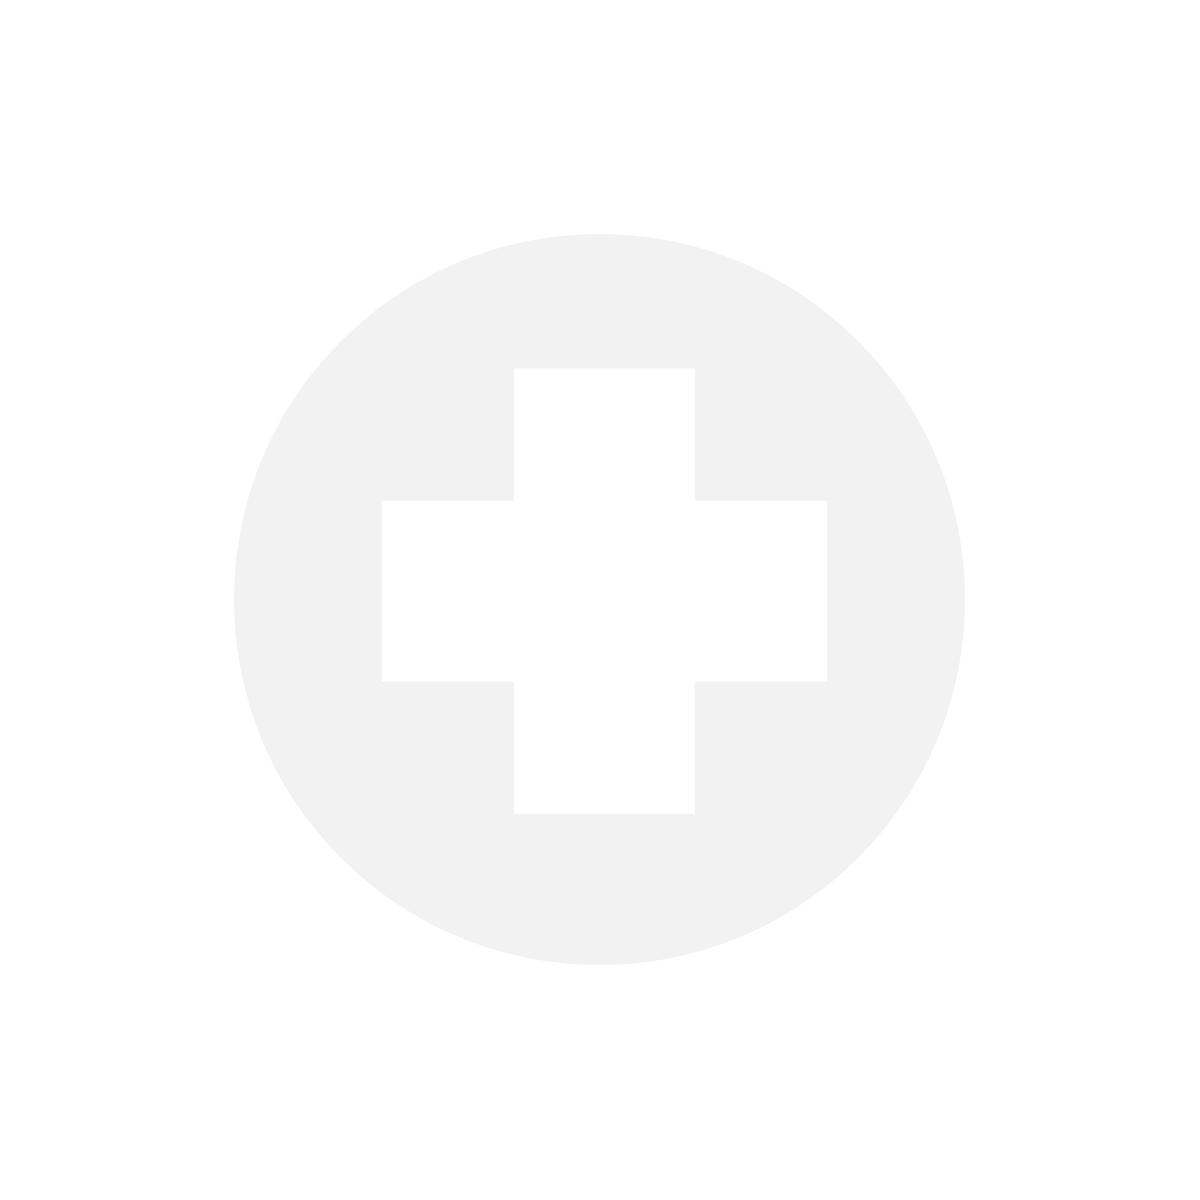 Sangle immobilisation Membres inférieurs